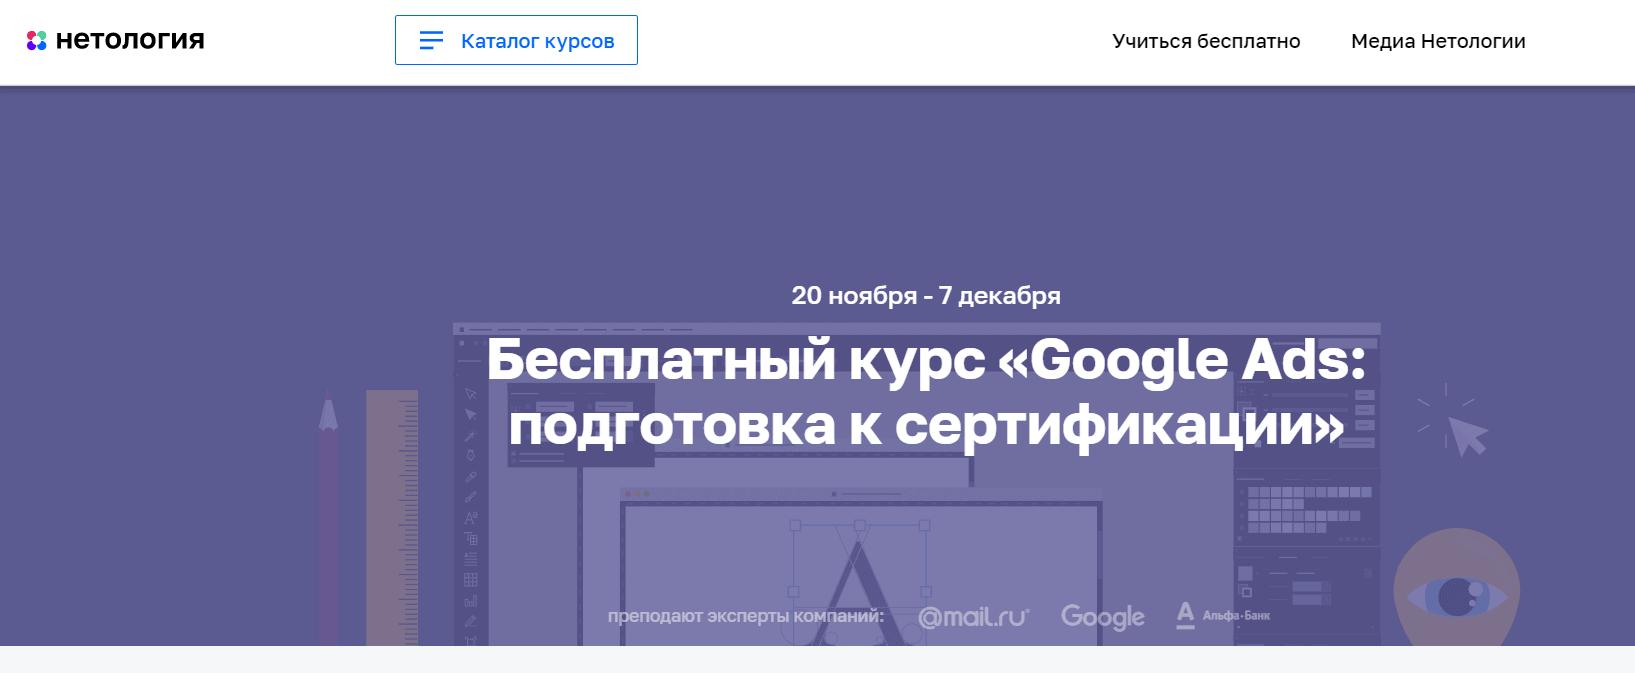 Специалист по Google Ads